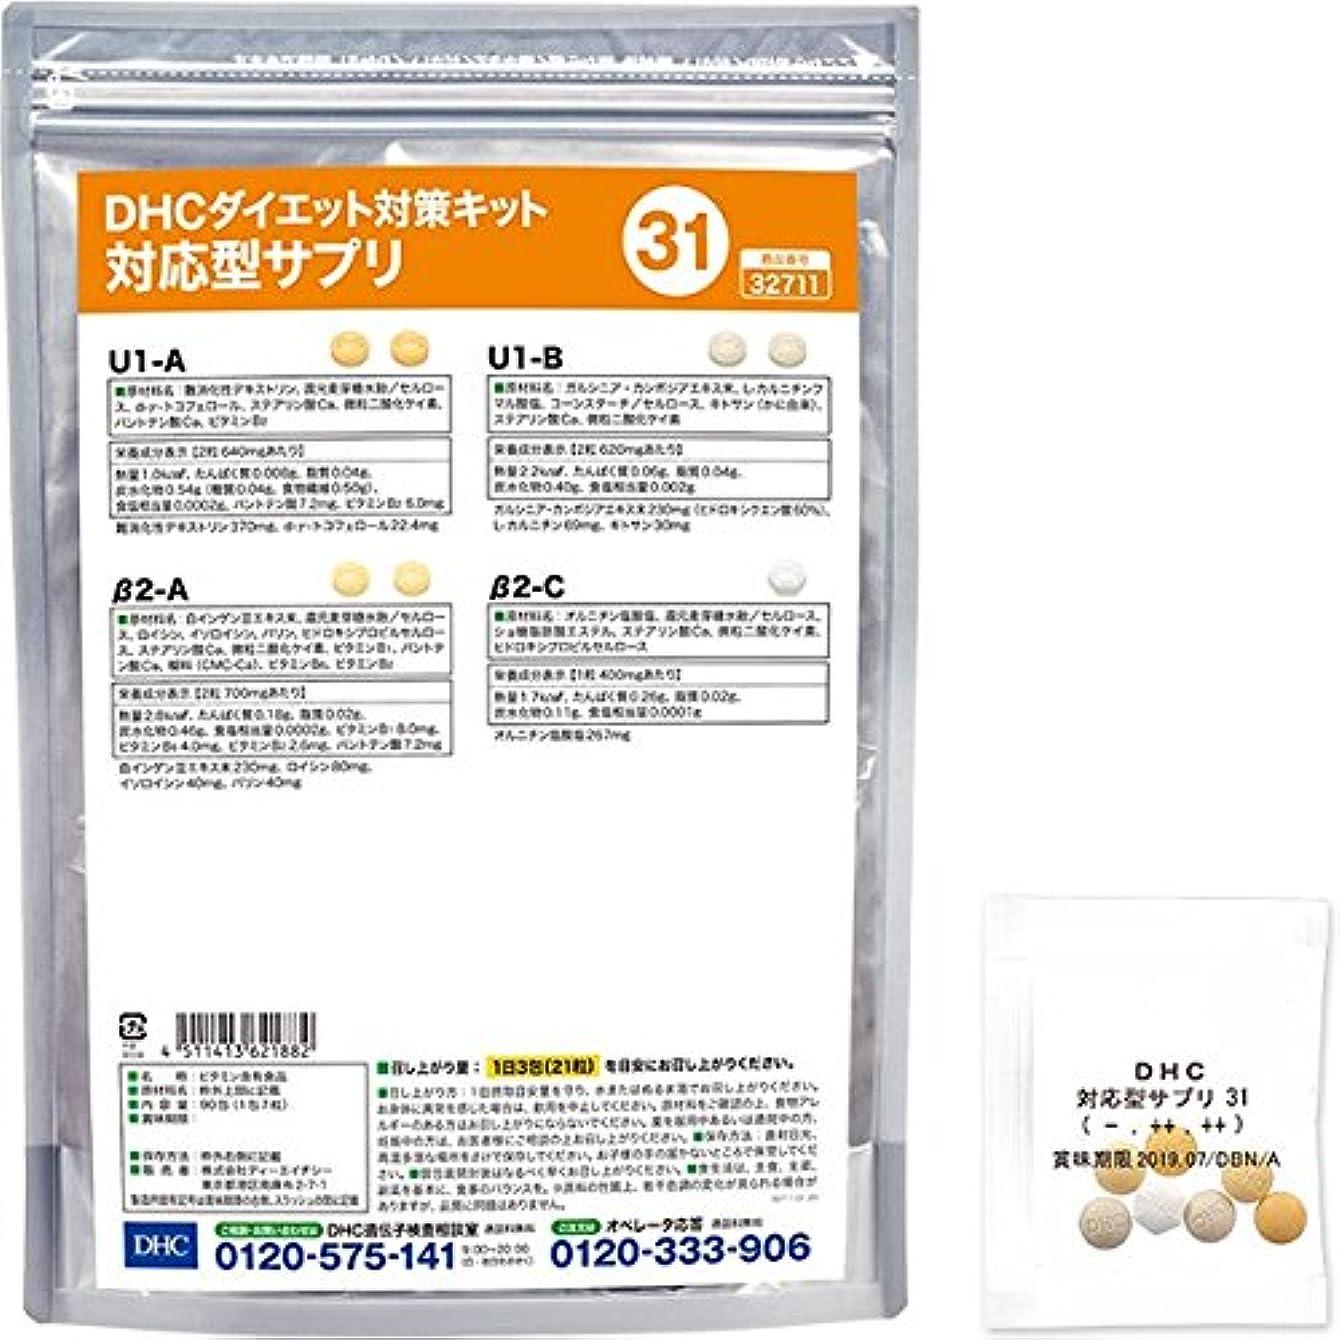 お香皿慣らすDHCダイエット対策キット対応型サプリ31